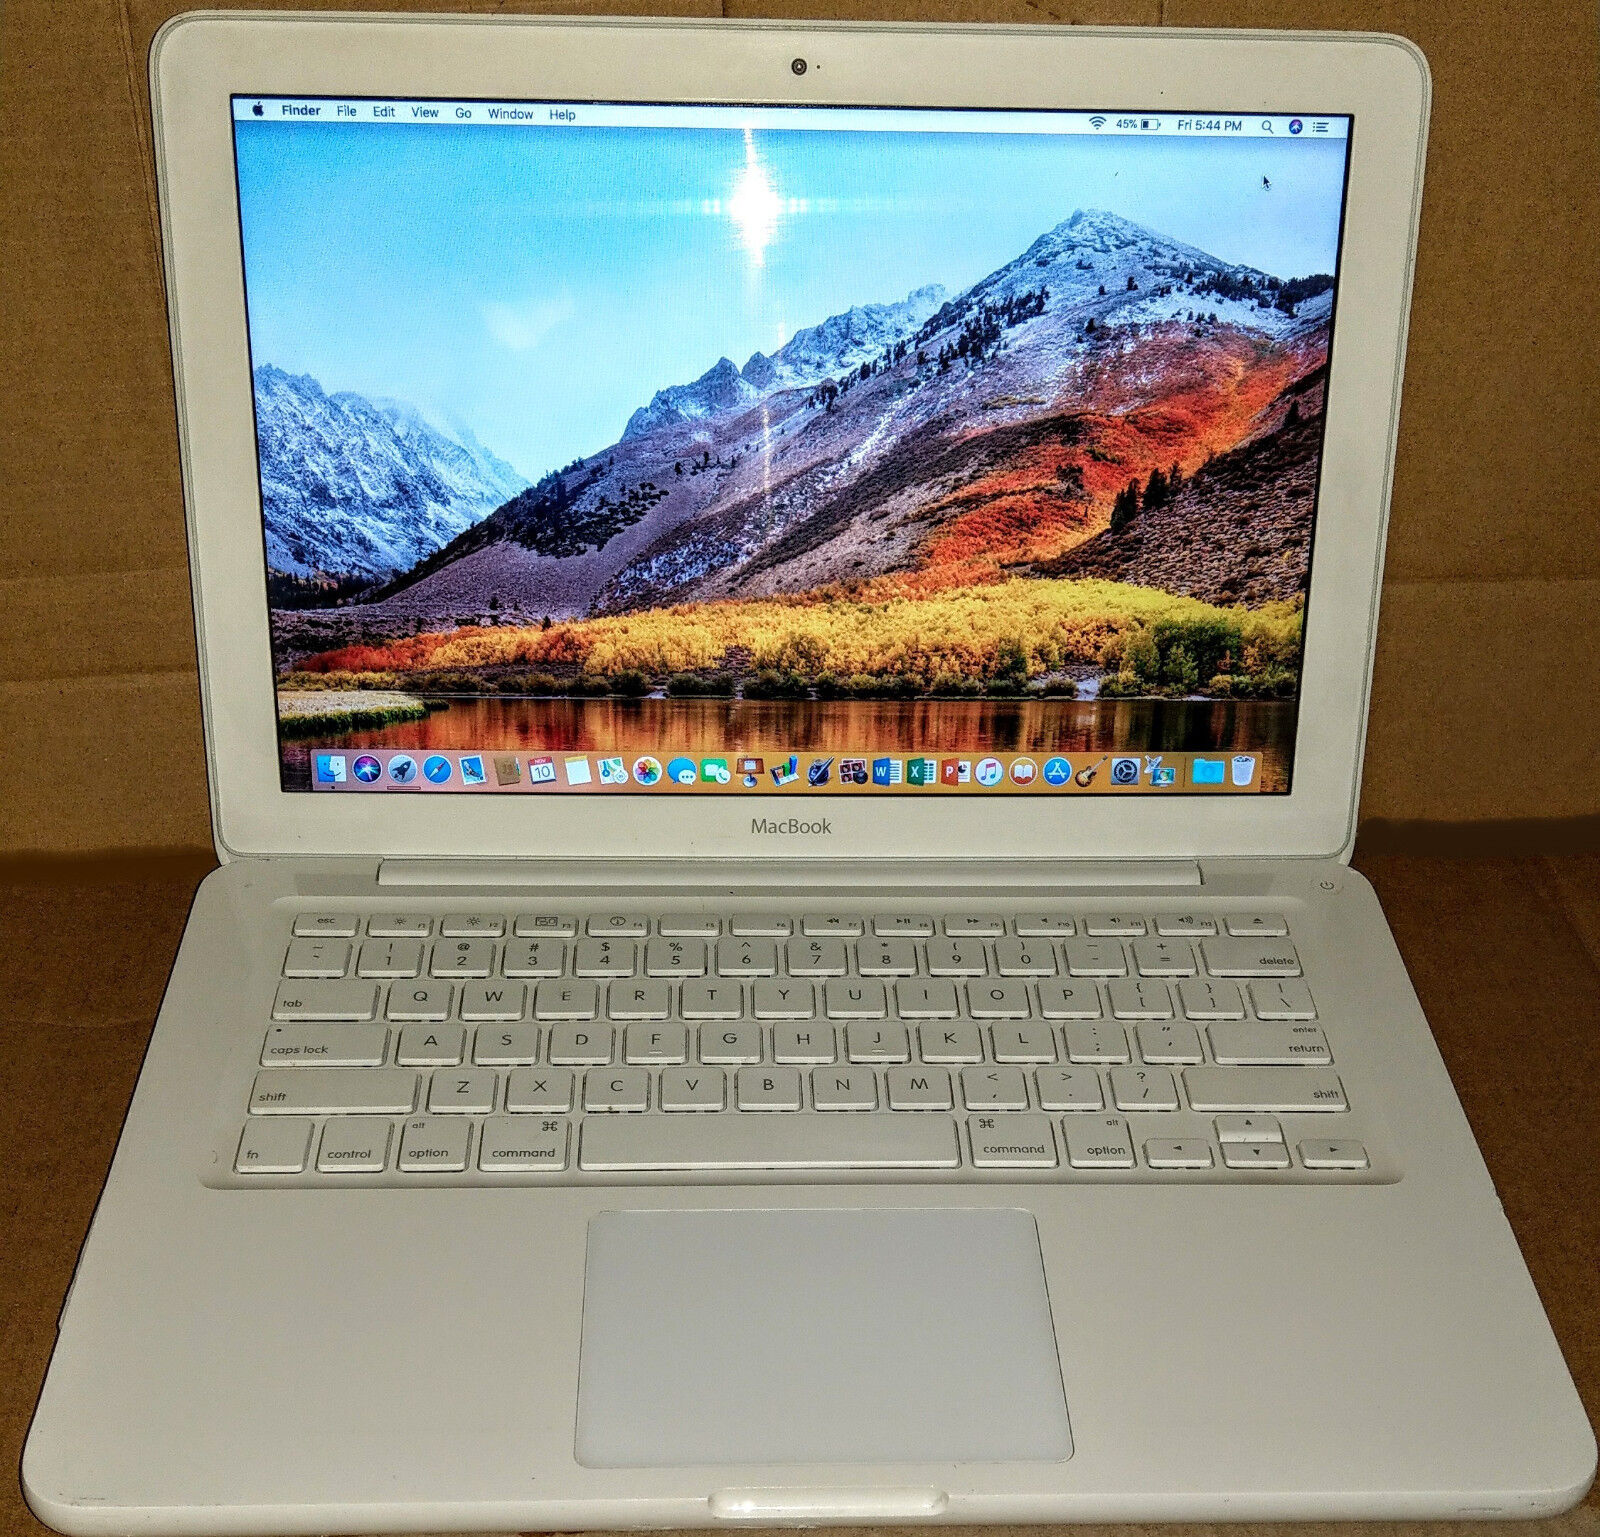 MacBook 13, 2.4GHz, 8GB, 250GB, iLife/ iWork High Sierra (MC516LL/A 2.26, 2.3)